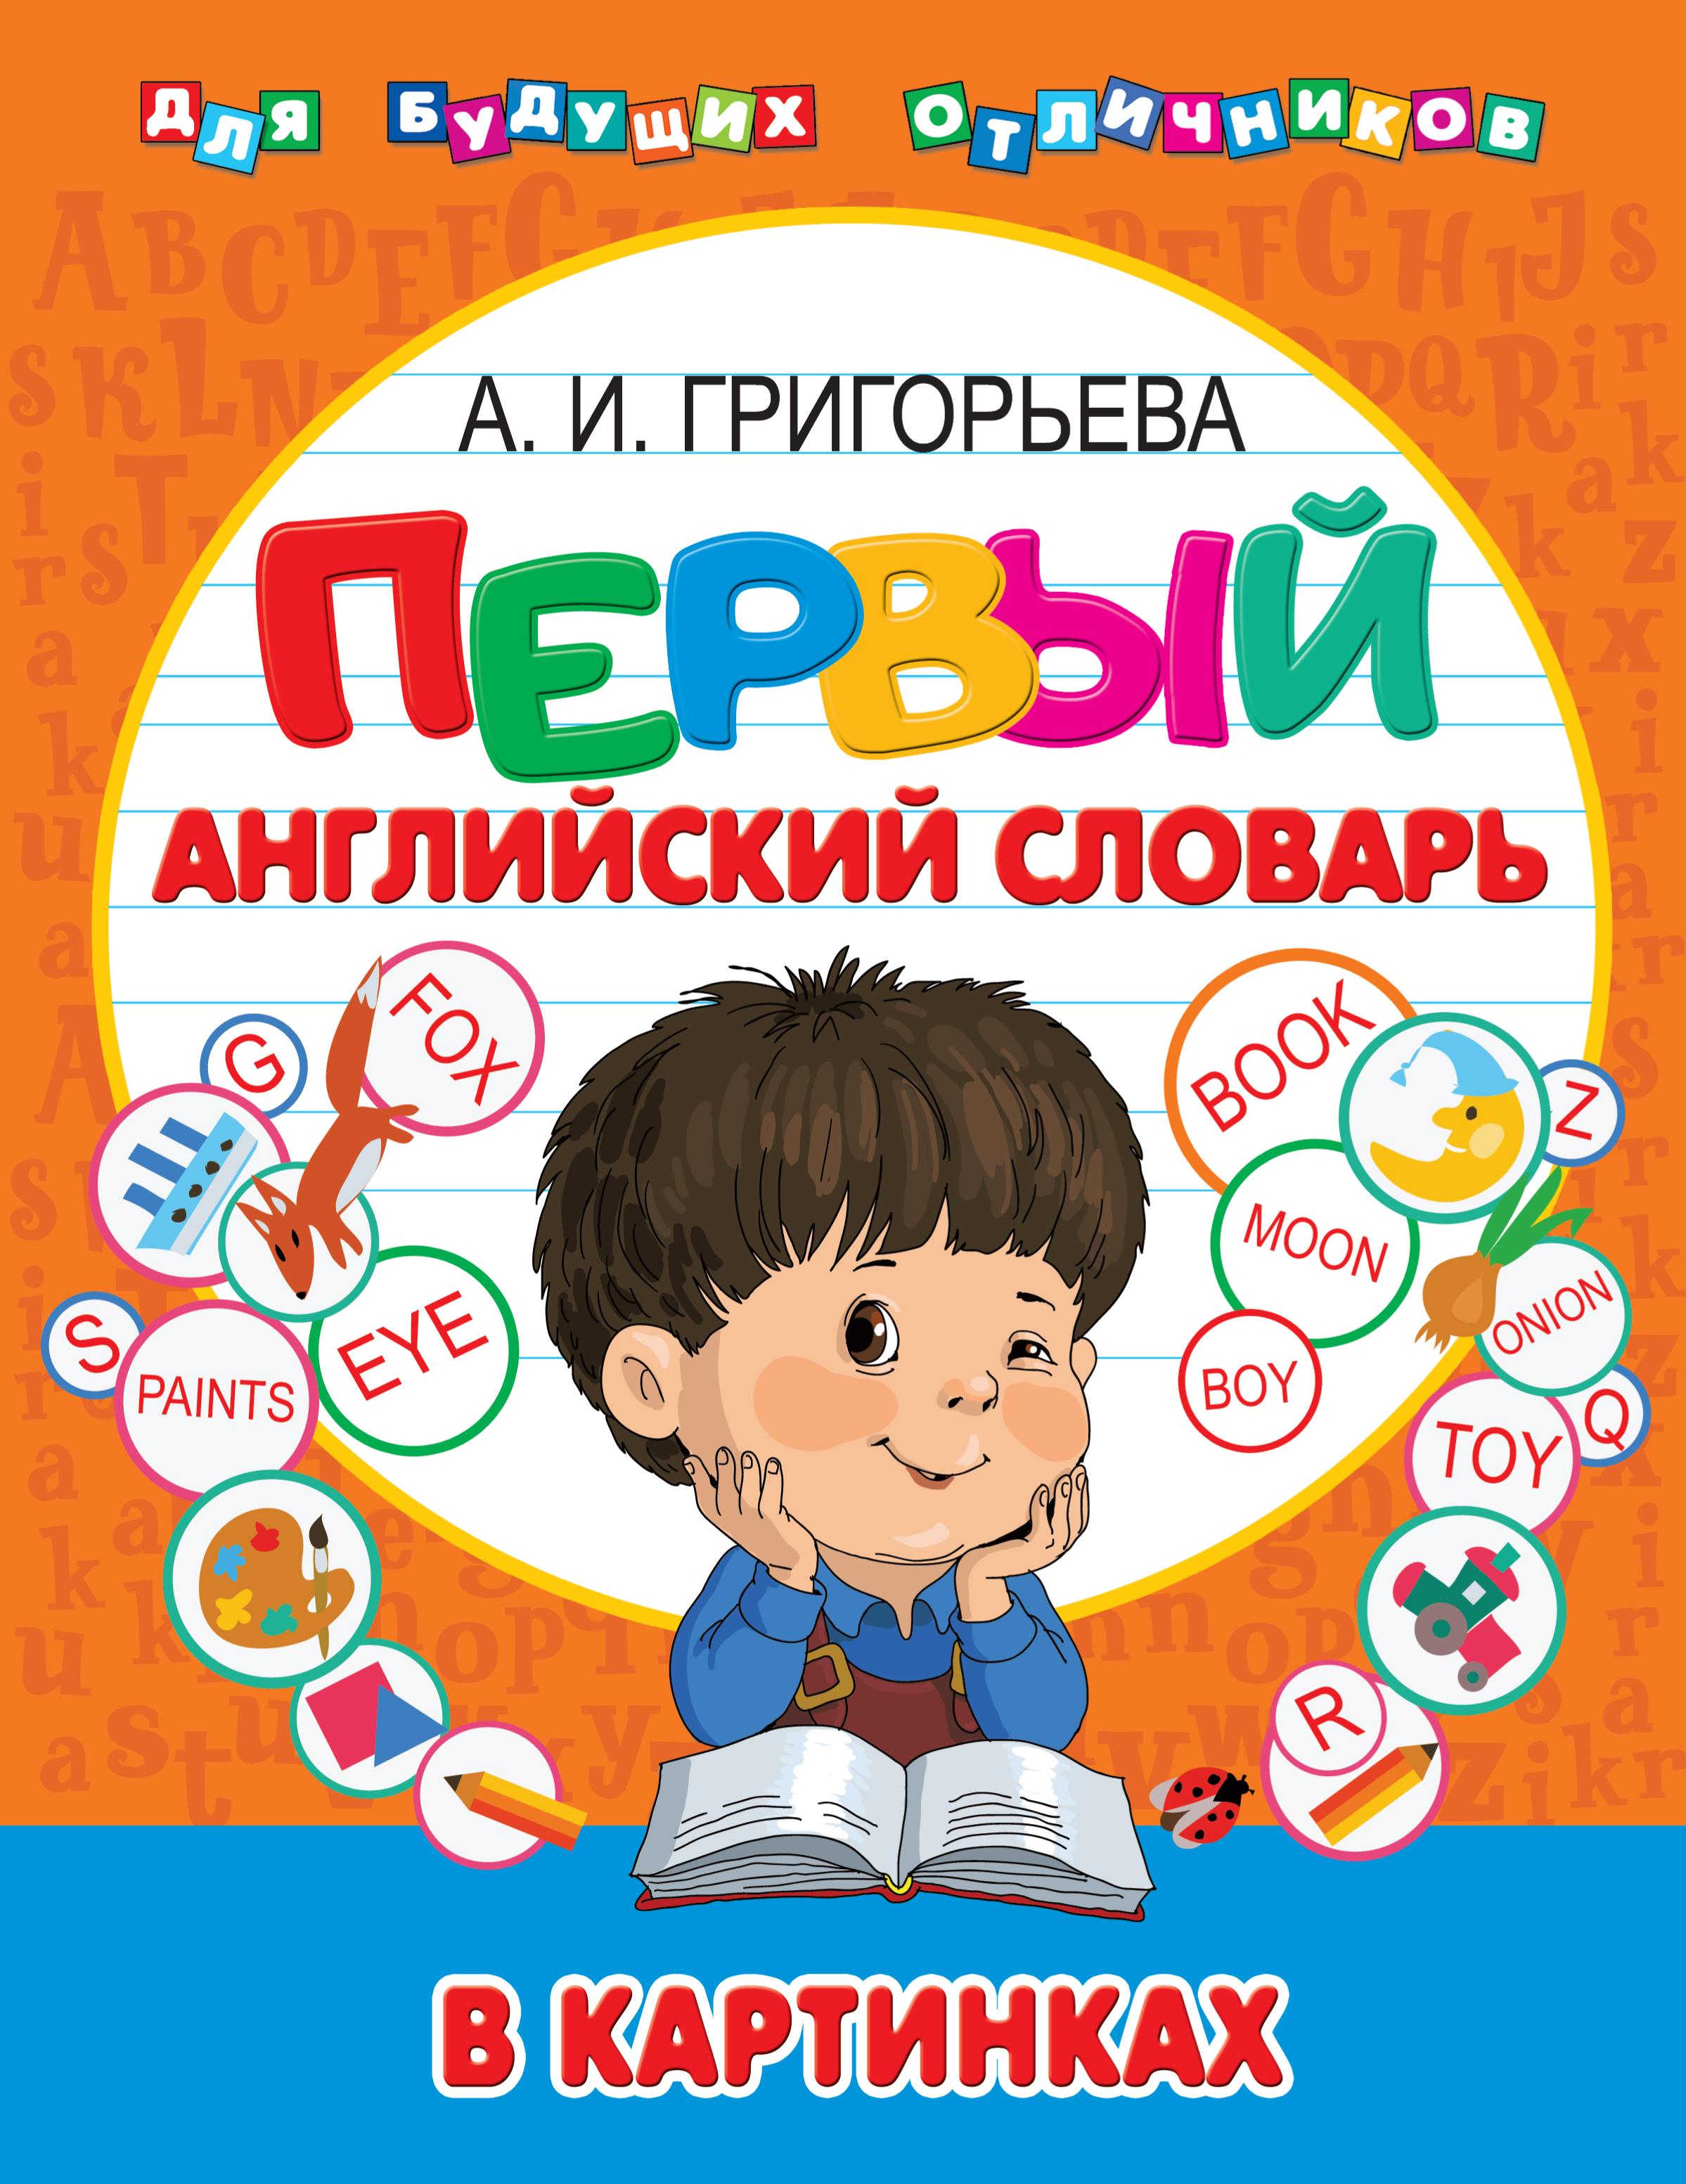 Григорьева А.И. Первый английский словарь в картинках